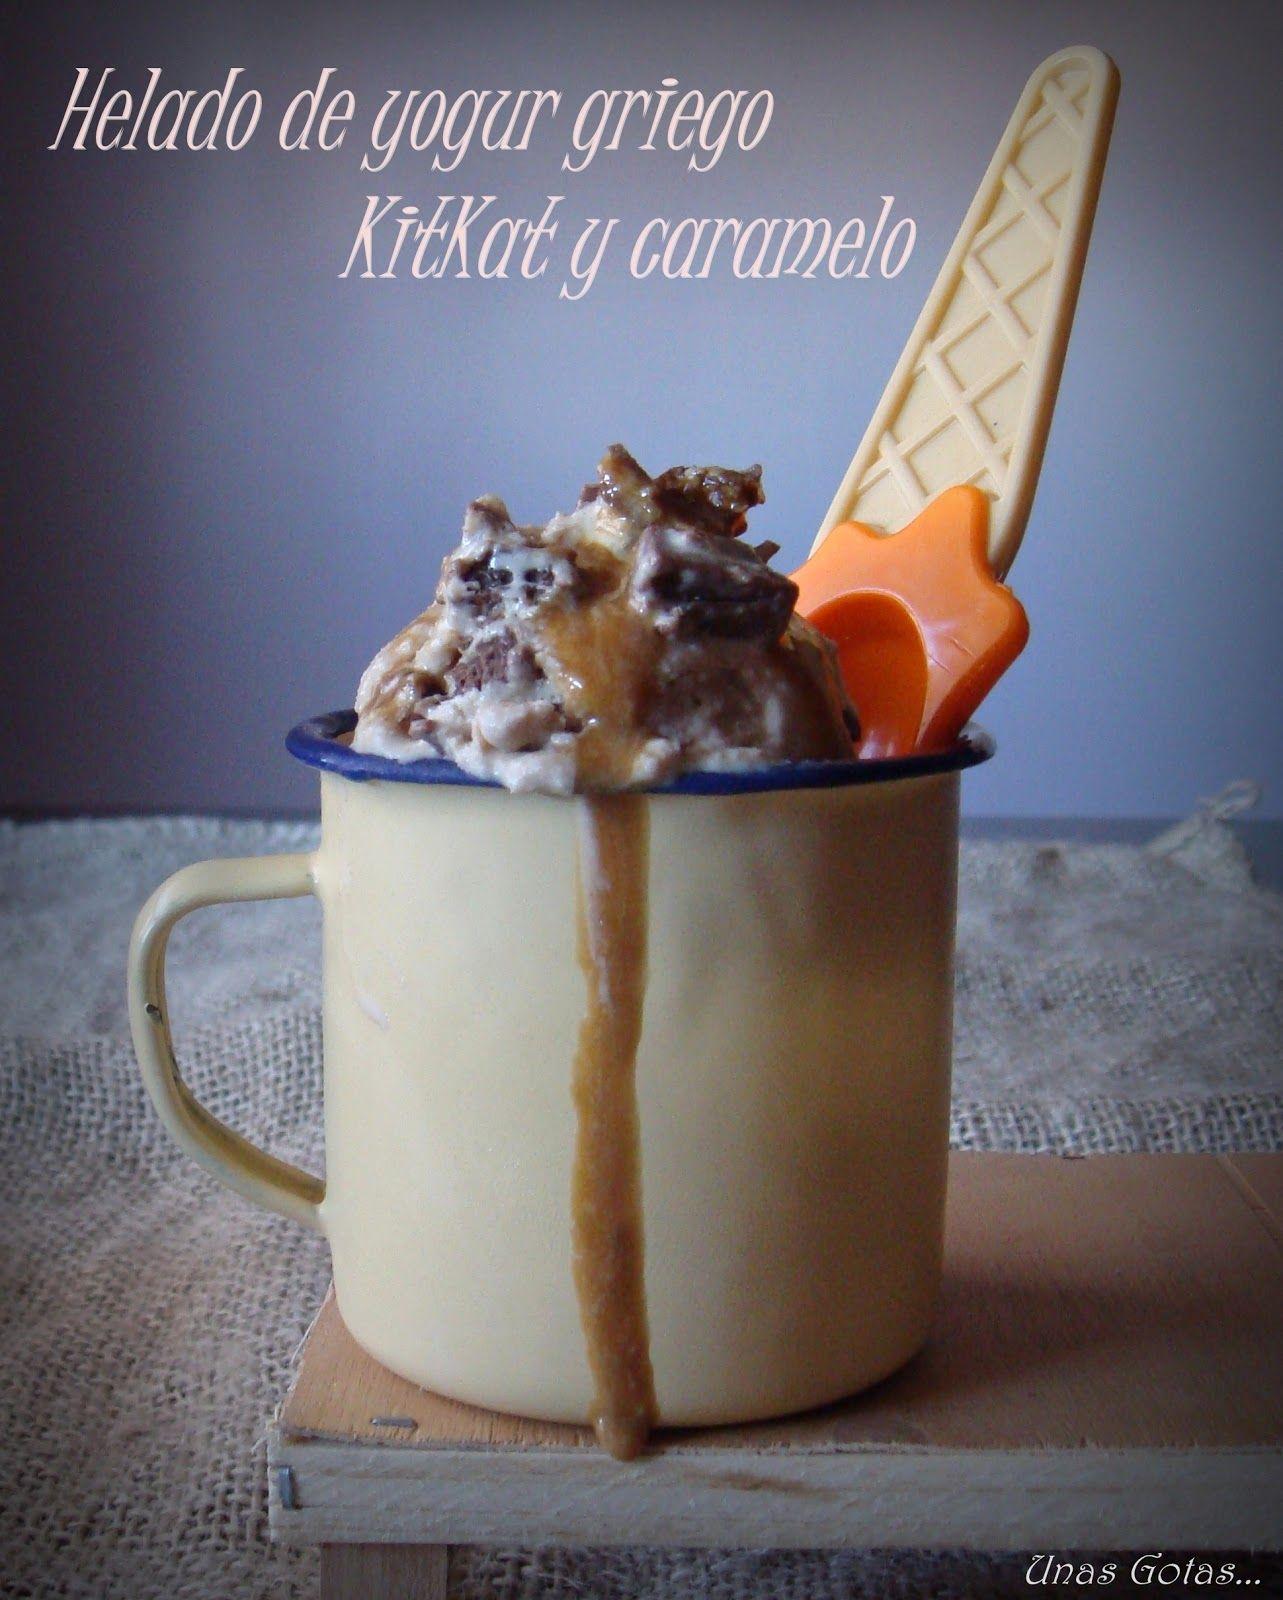 Unas Gotas de Imaginación: Helado de yogur griego, kitkat y caramelo